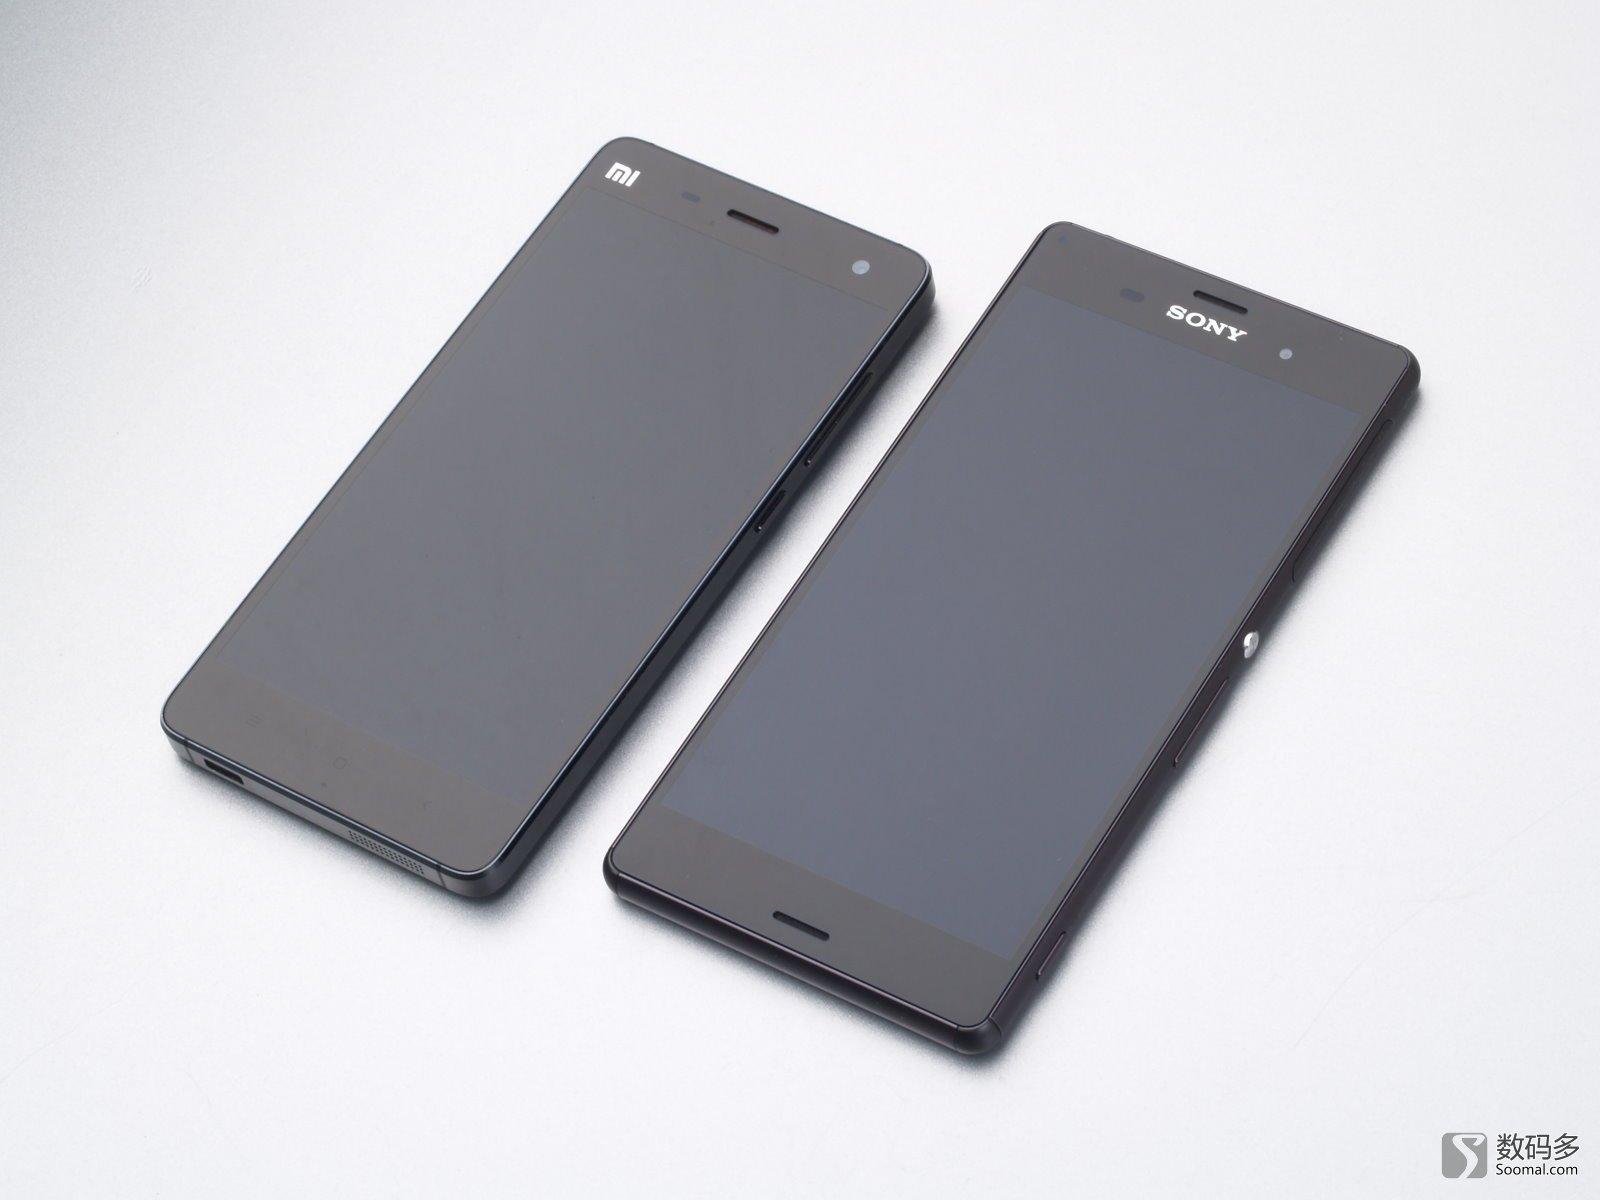 sony 索尼 xperia z l36h 版本更新问题 我的是c6602提示更新 手机